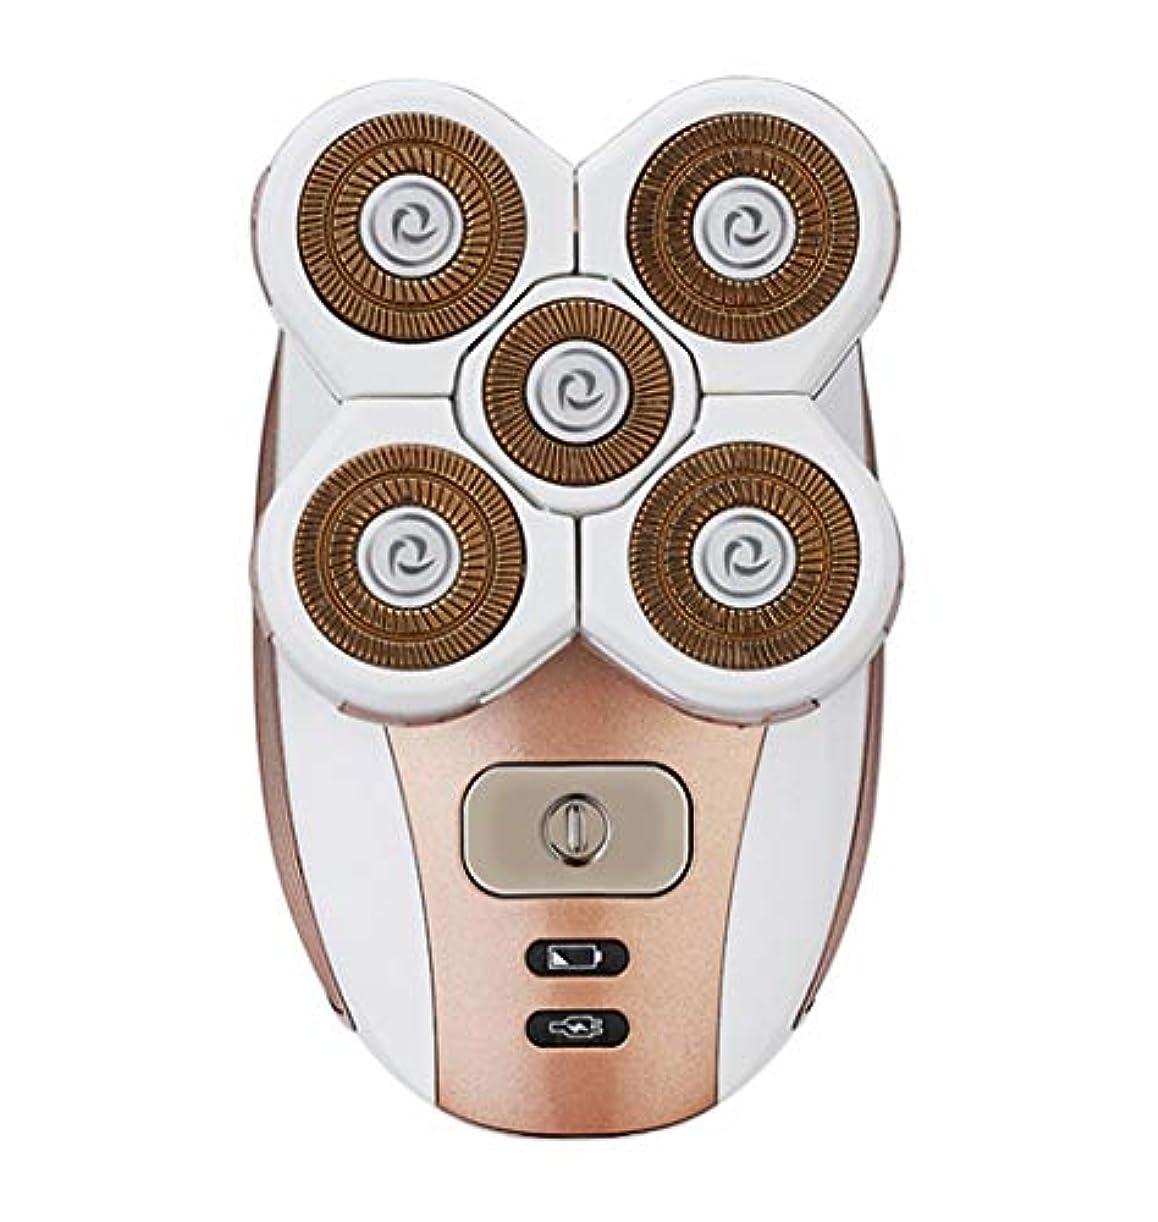 ランプ雷雨無駄だNZNB - 脱毛器 電気脱毛装置プライベートパーツシェービング器具脇の下陰毛剃毛レディーシェーバー - 8502